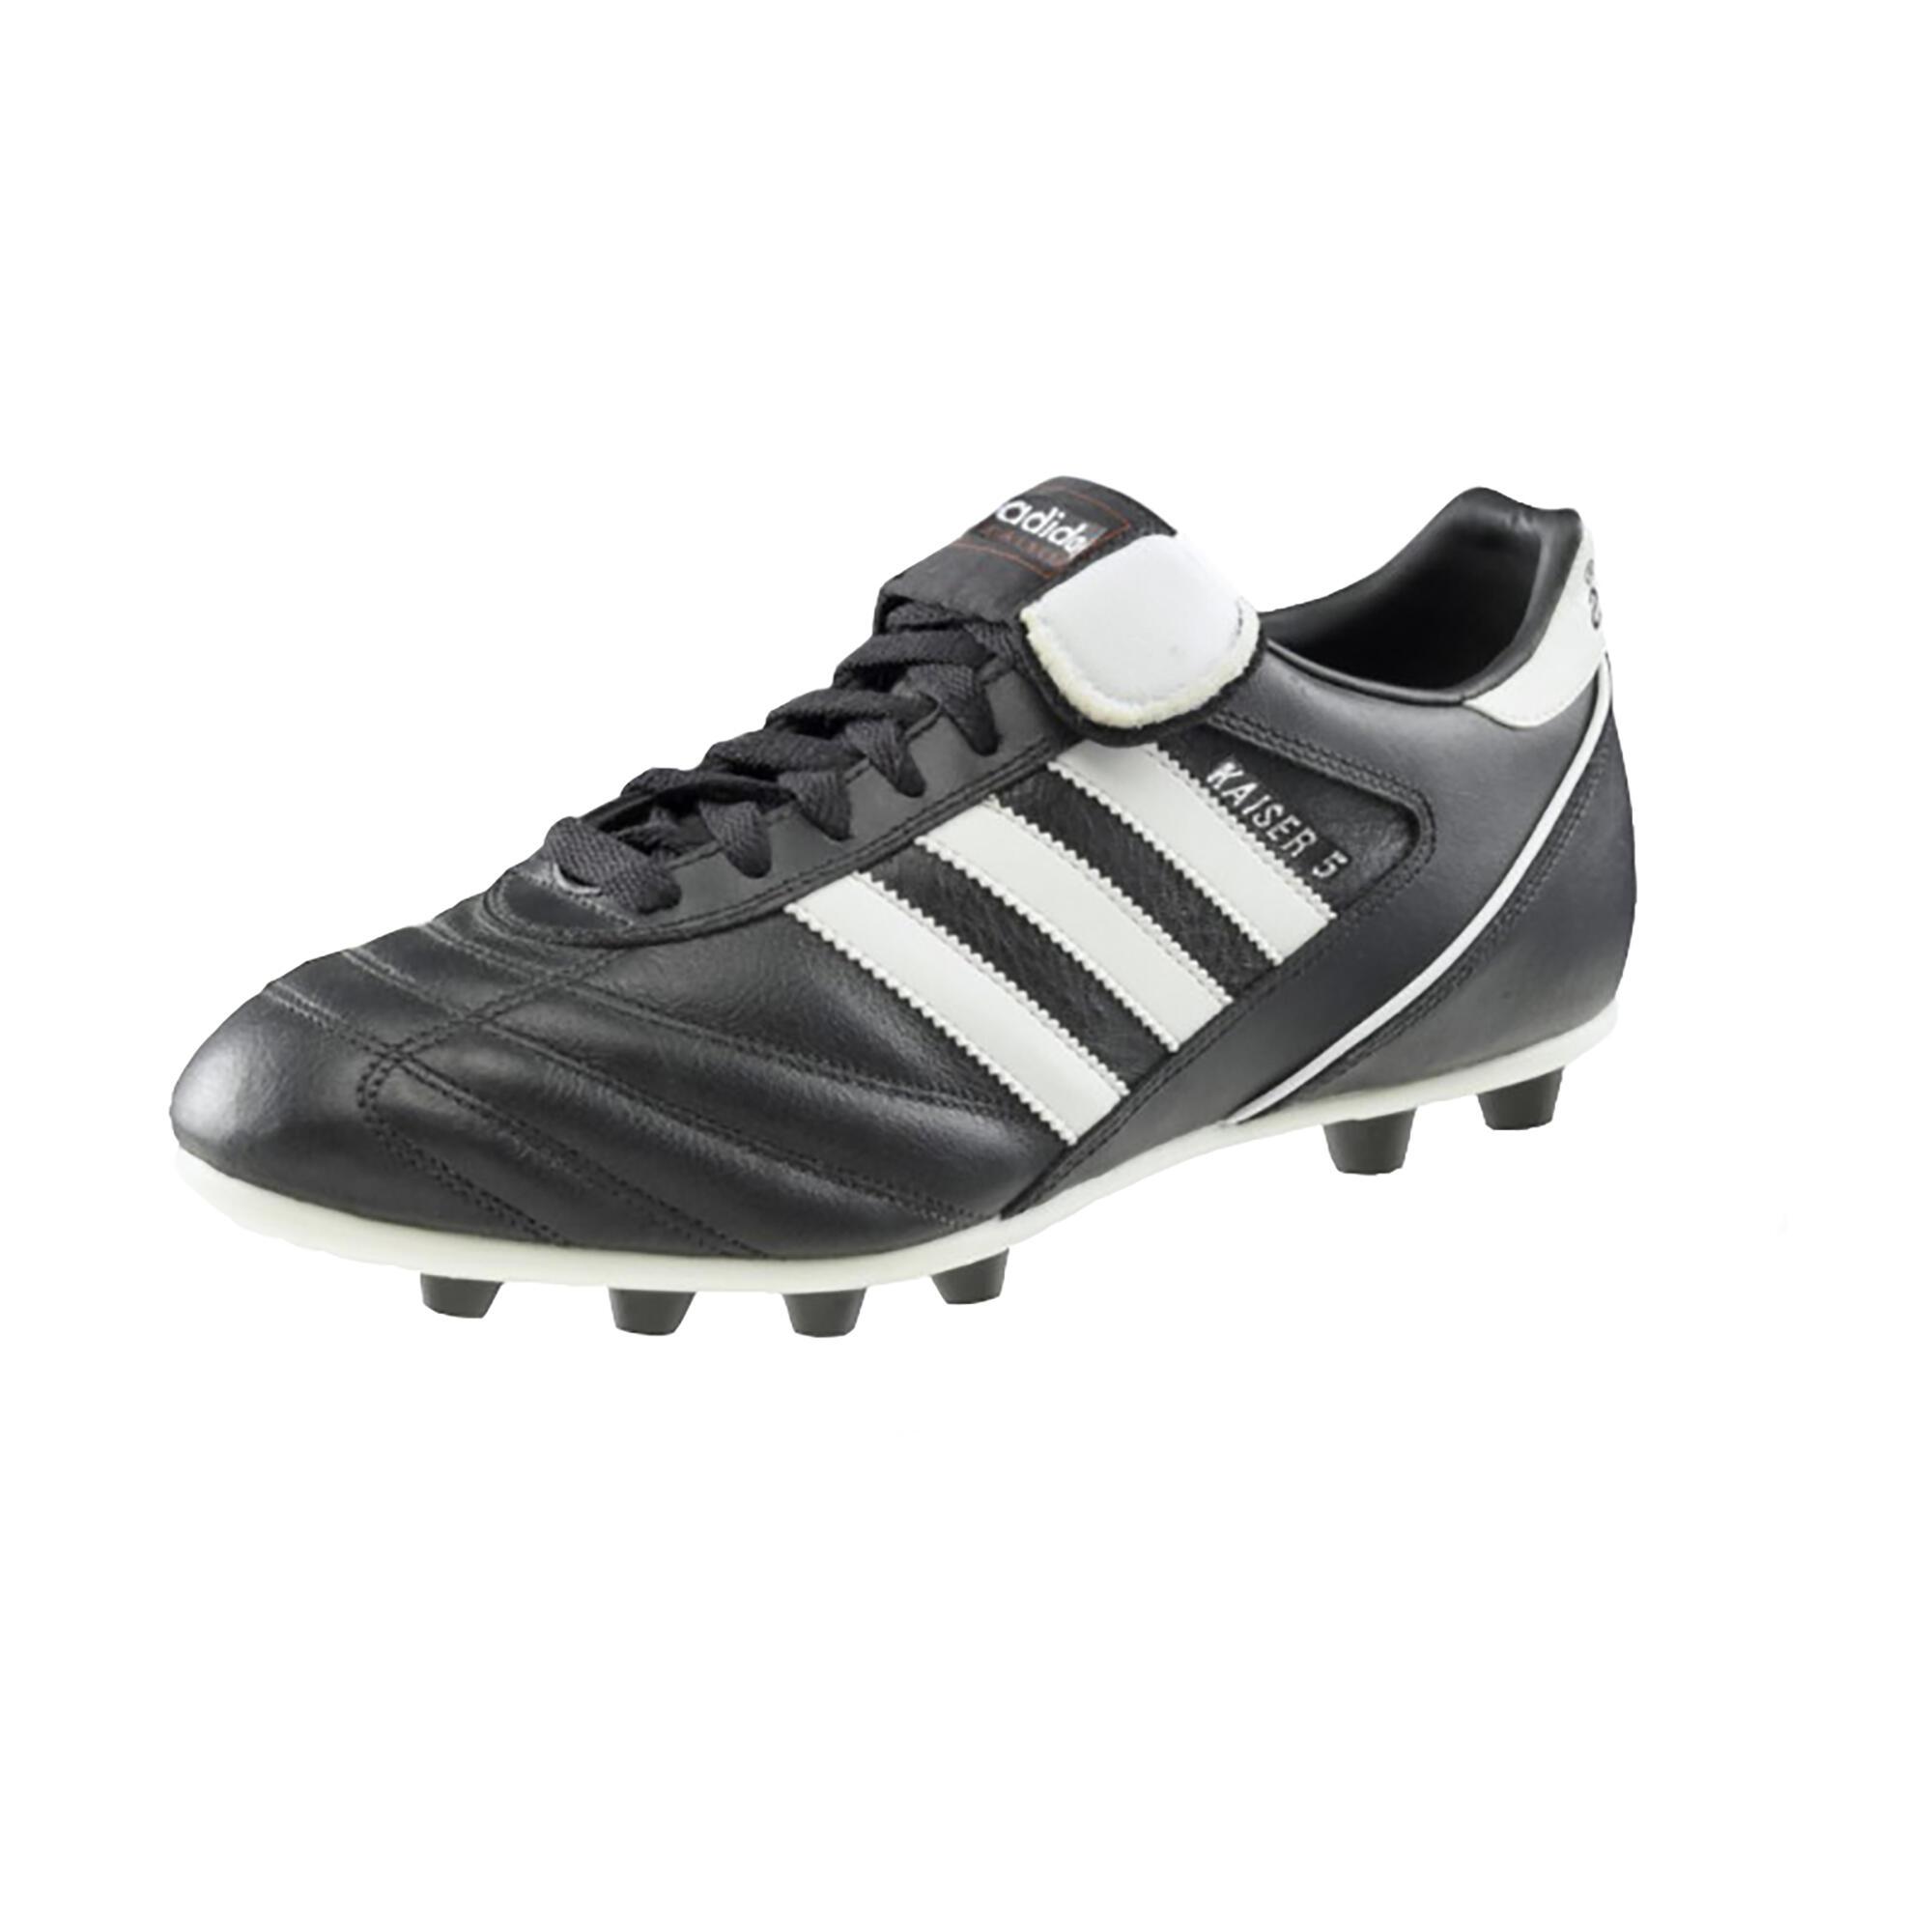 adidas Performance Kaiser 5 Liga voetbalschoenen voor HEREN